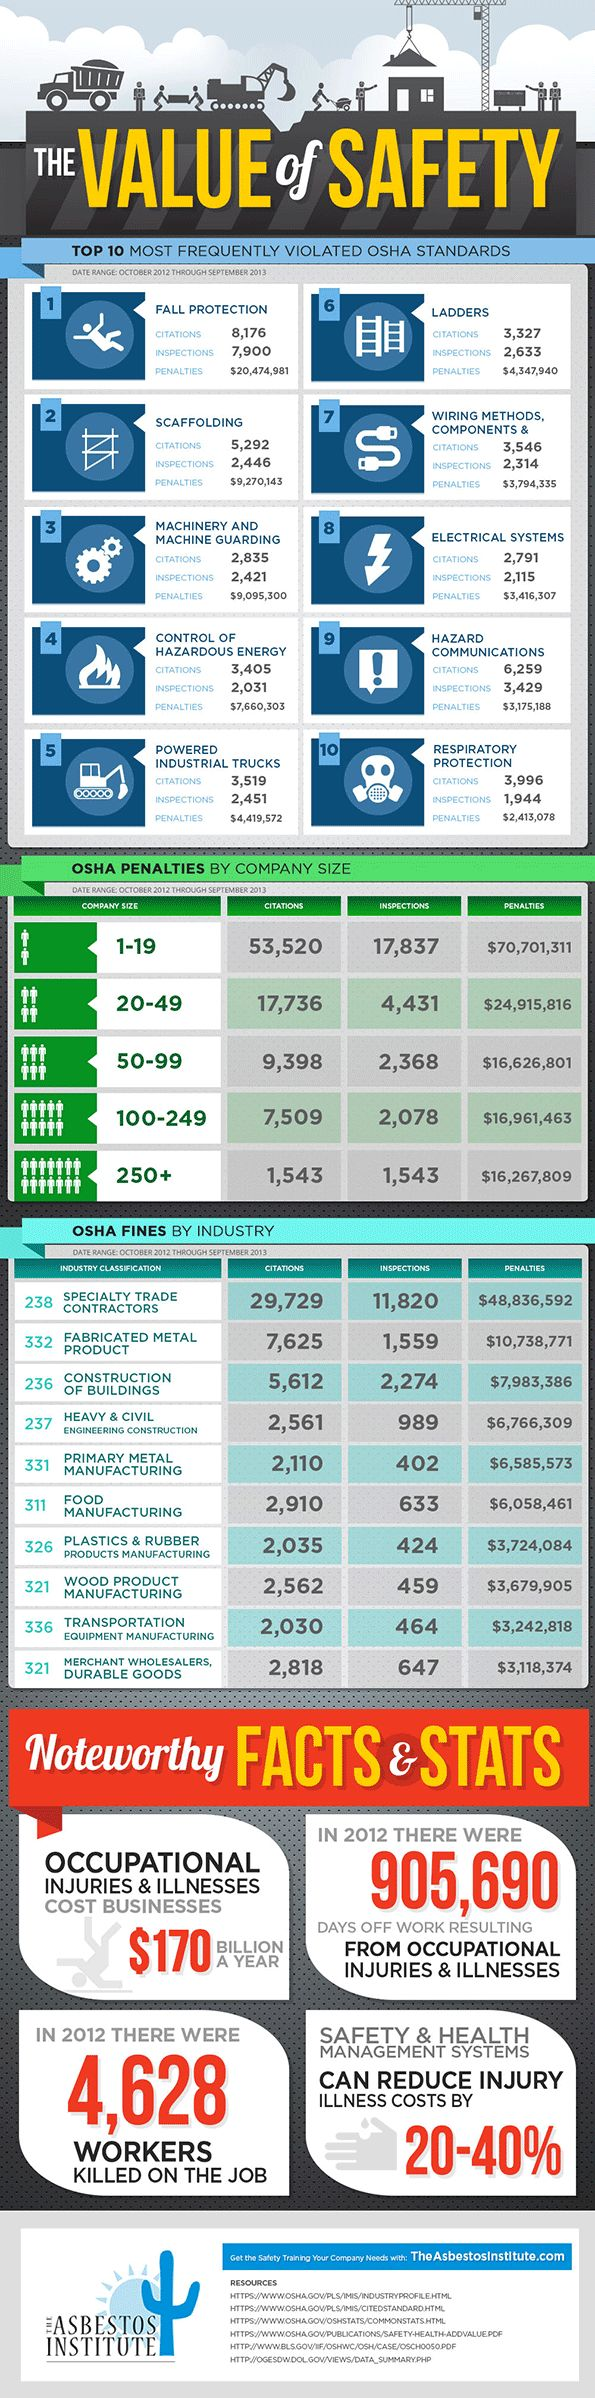 De waarde van de veiligheid [Infographic] | OSHA content van EHS Today. Volgens het Bureau of Labor Statistics waren er 4405 dodelijke arbeidsongevallen op werkplekken in de VS in het jaar 2013